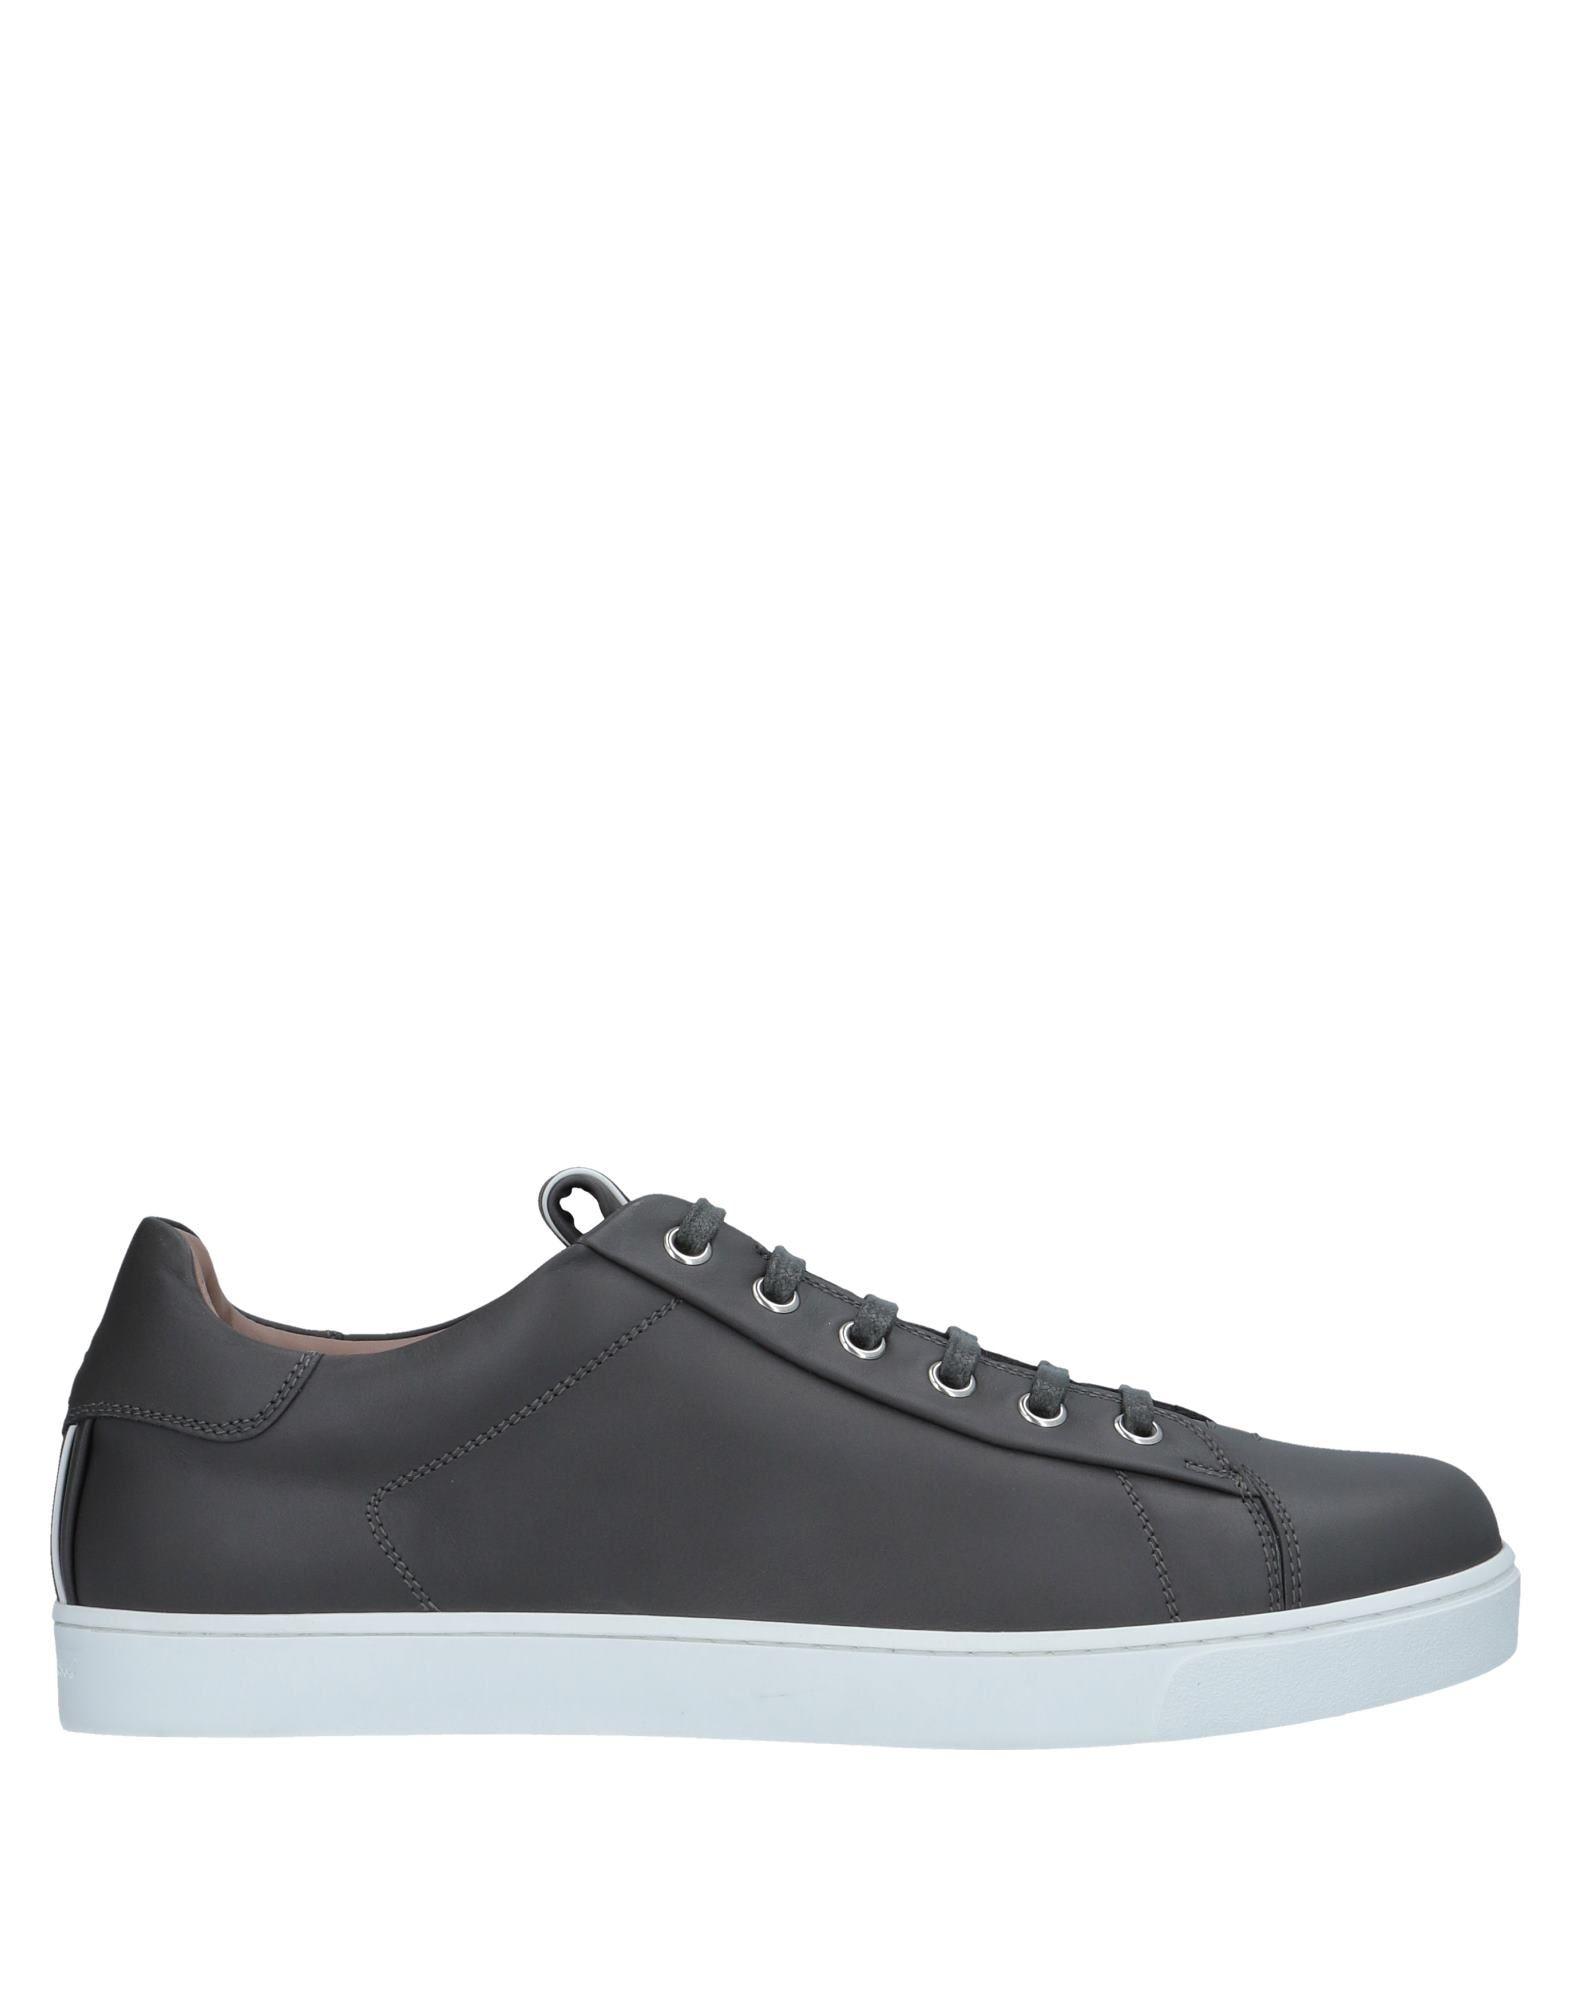 Gianvito Rossi Sneakers Damen  11508182EHGünstige gut aussehende Schuhe